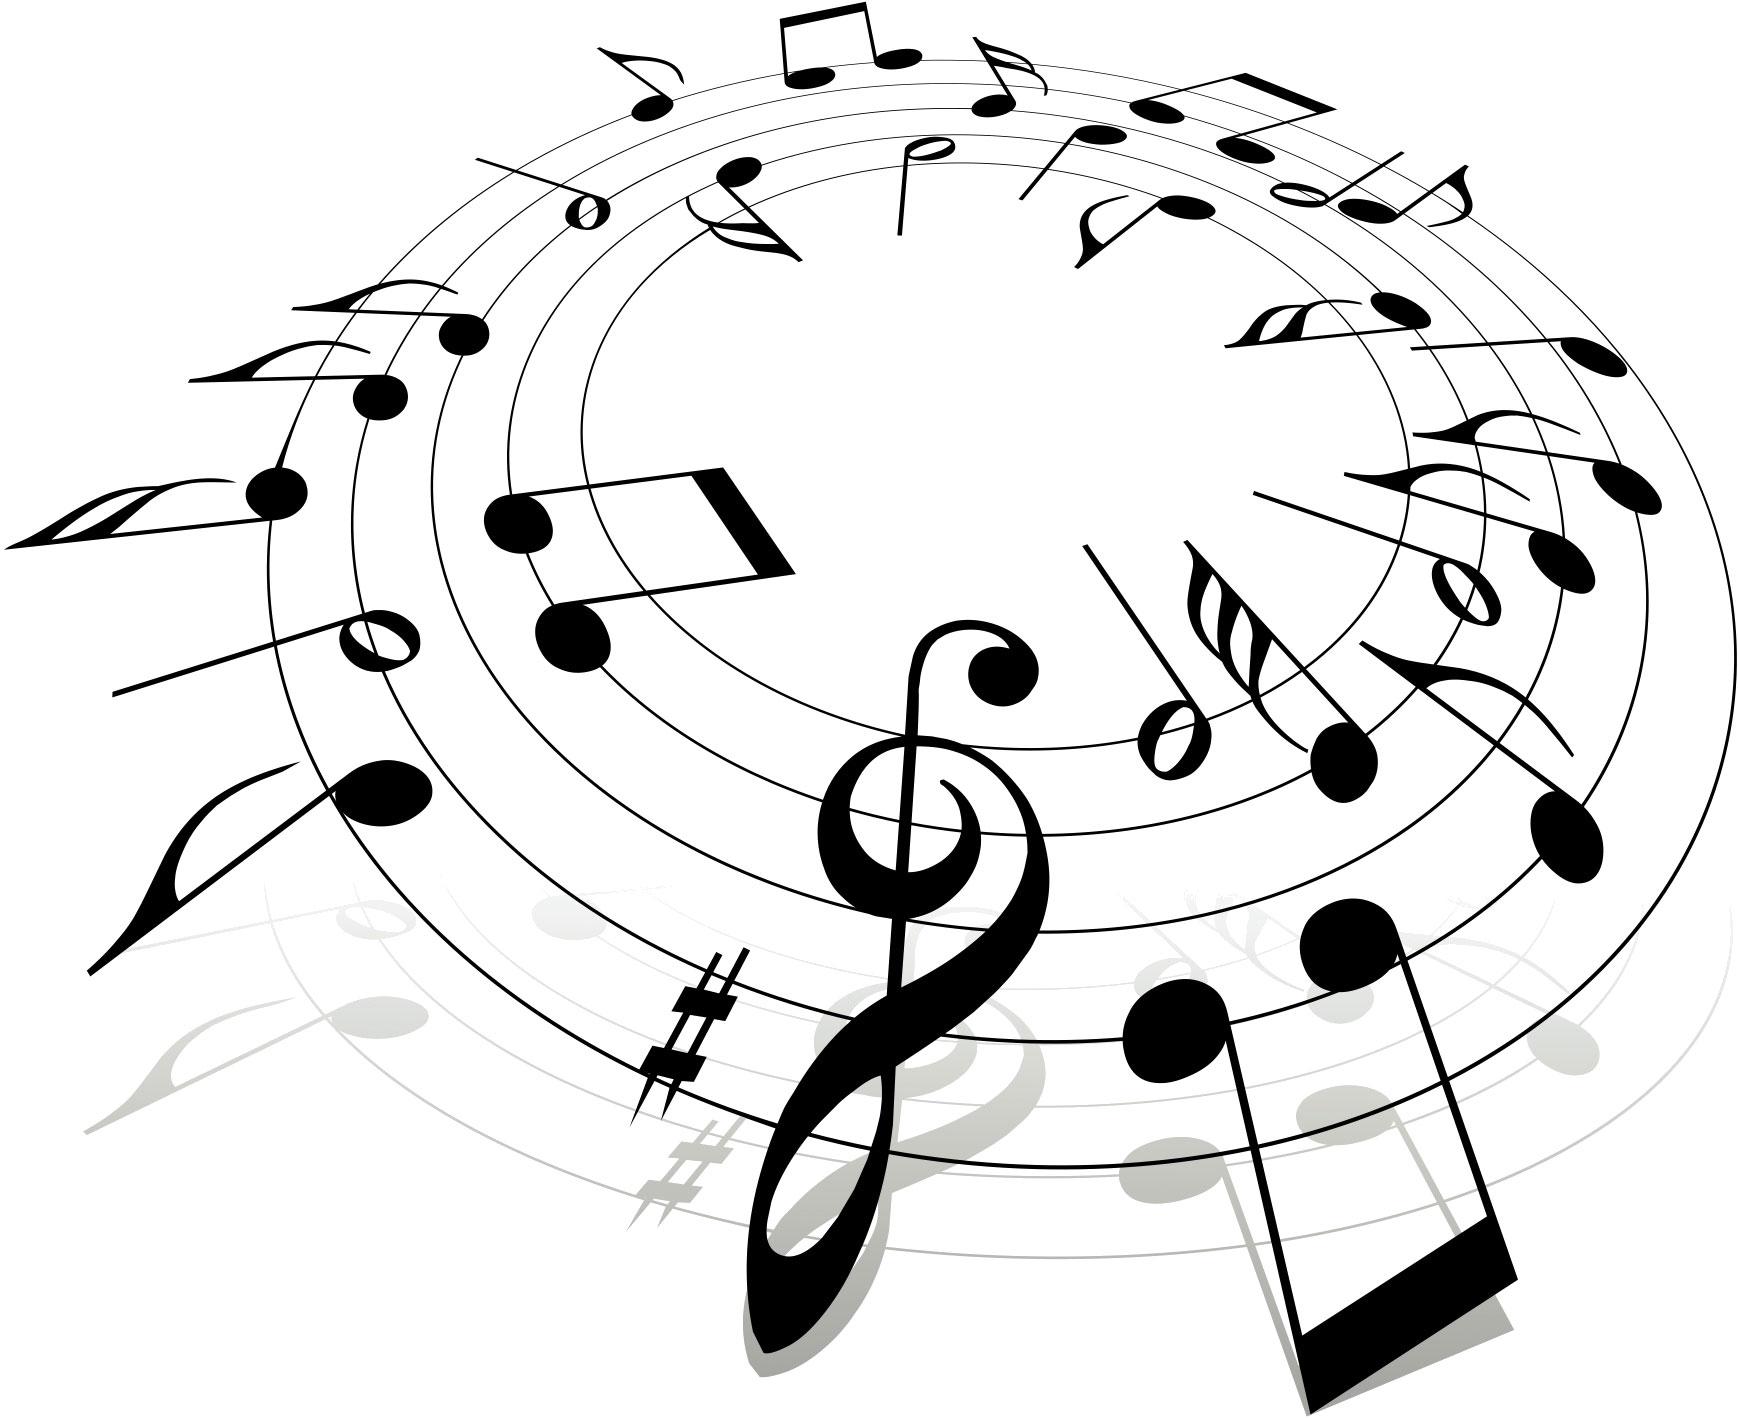 音符イラスト楽譜サークル 無料のフリー素材